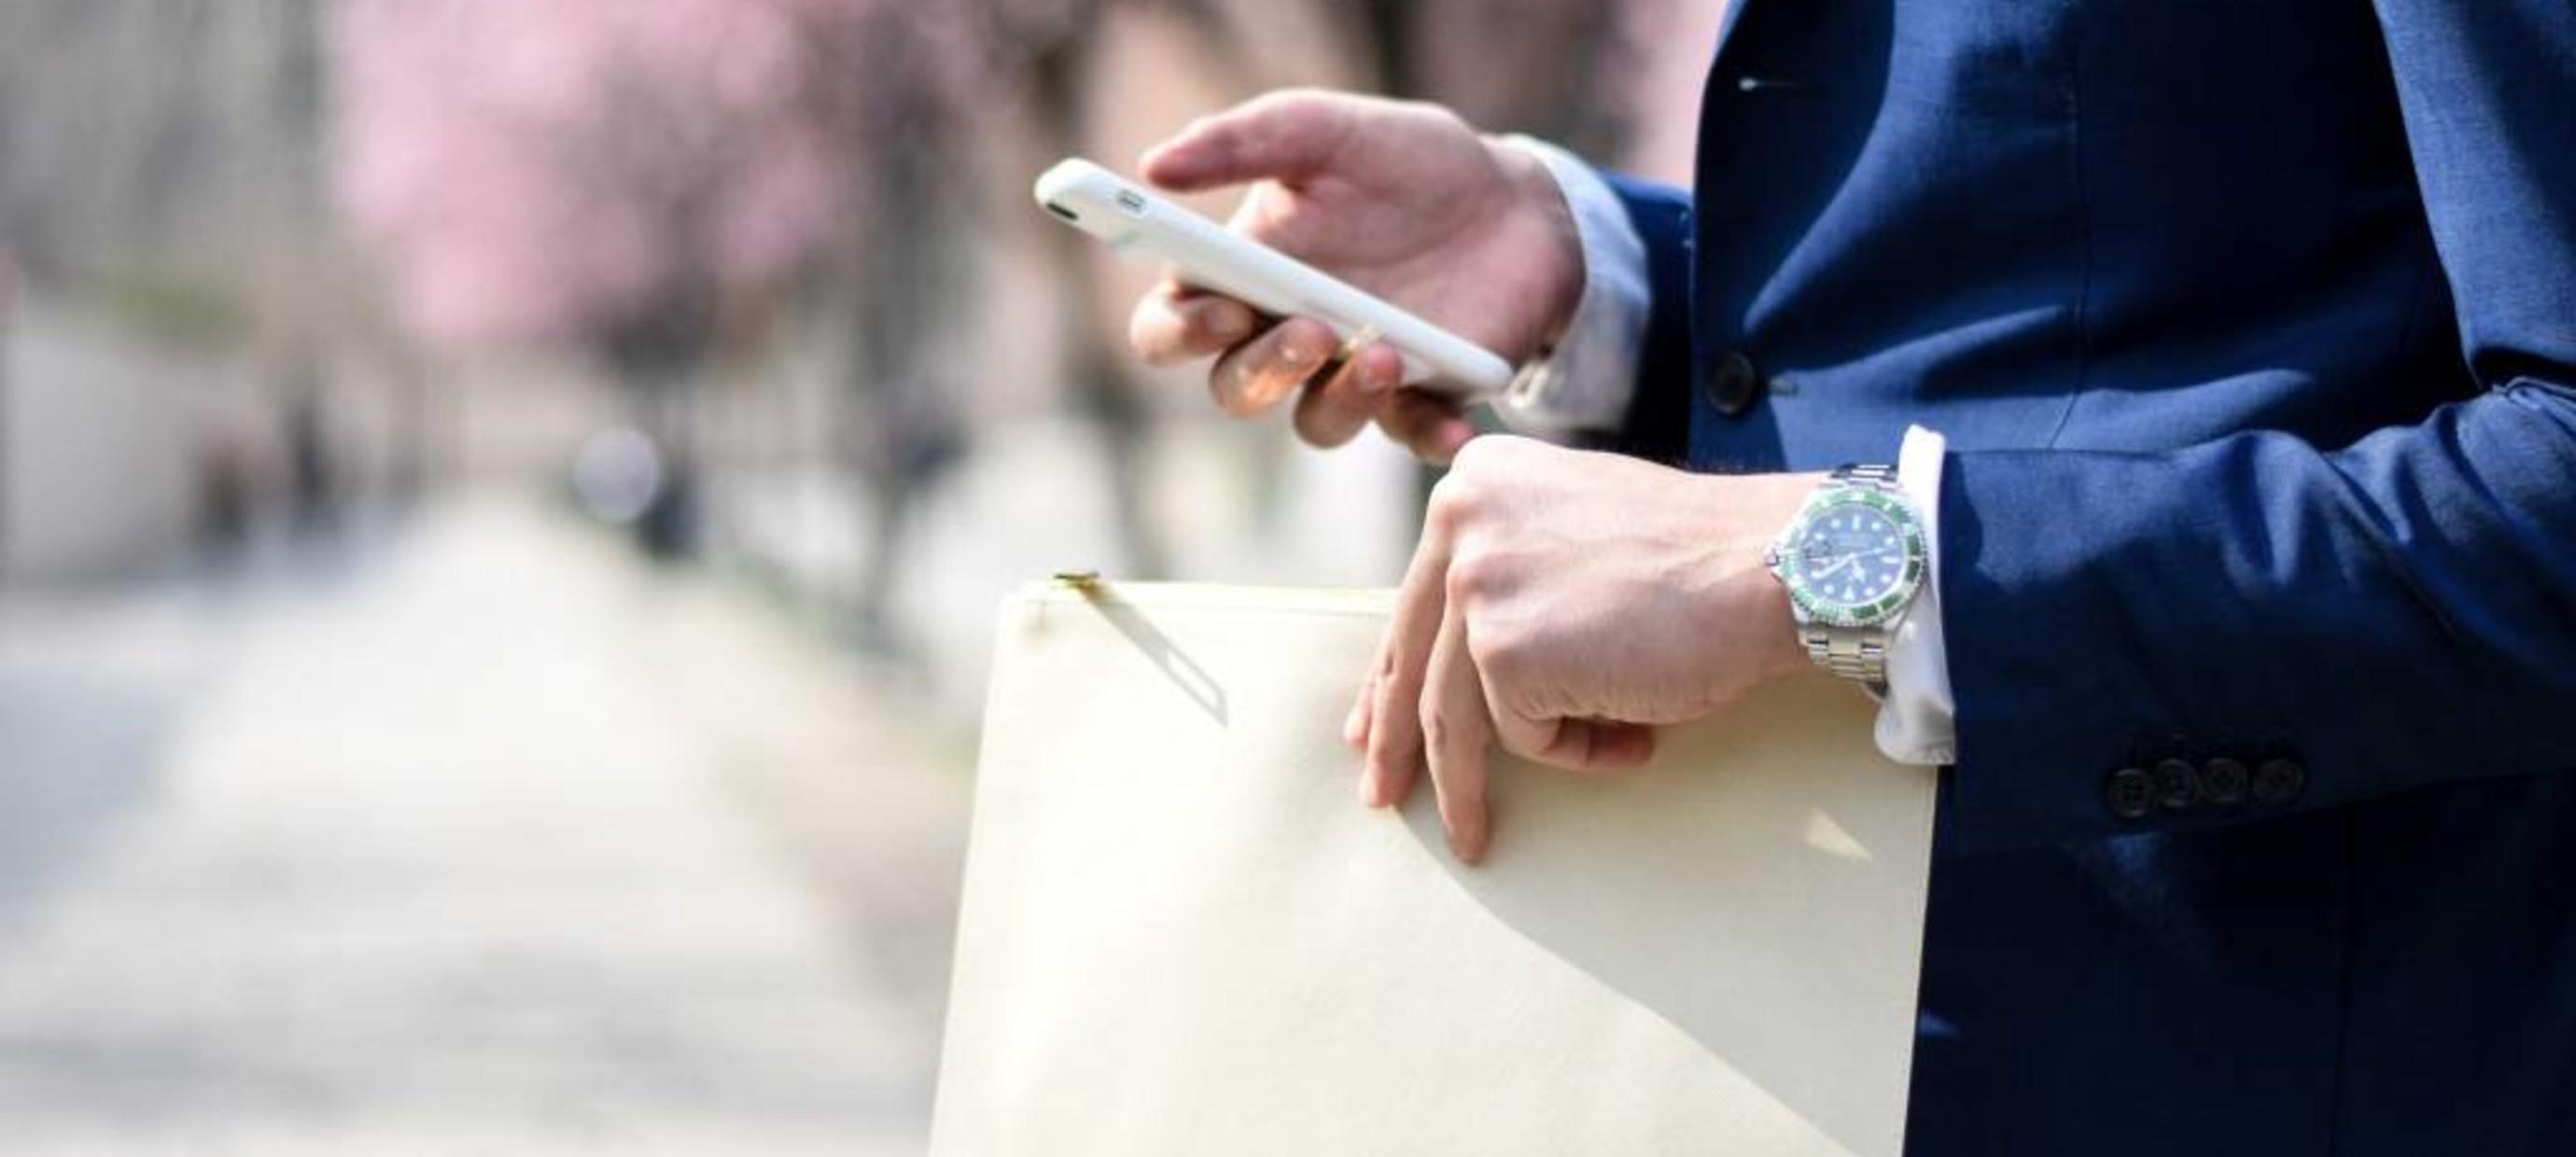 5 Tipps um dein Handy mal zur Seite zu legen